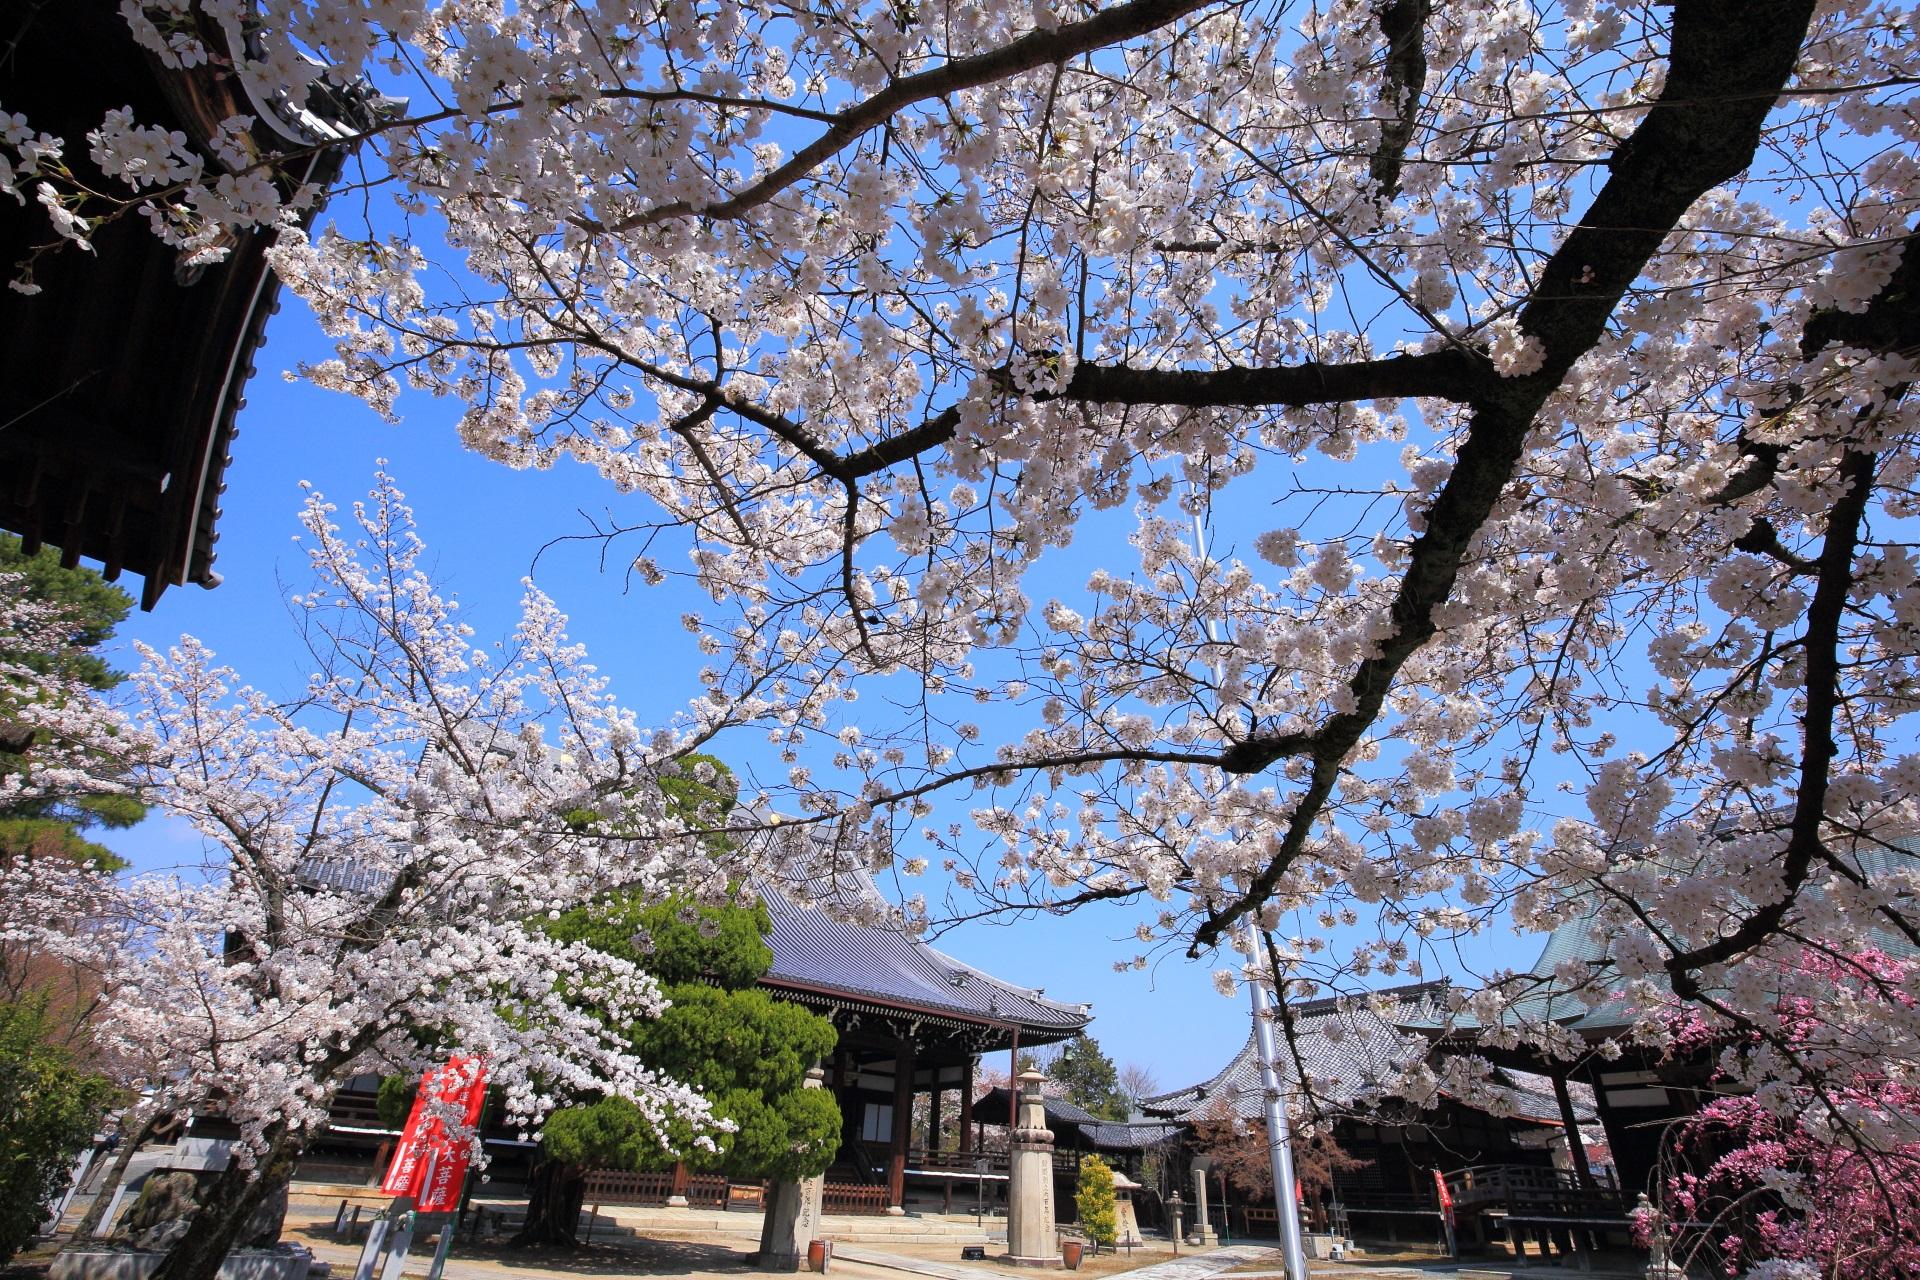 妙顕寺の大本堂や鬼子母神堂前の桜